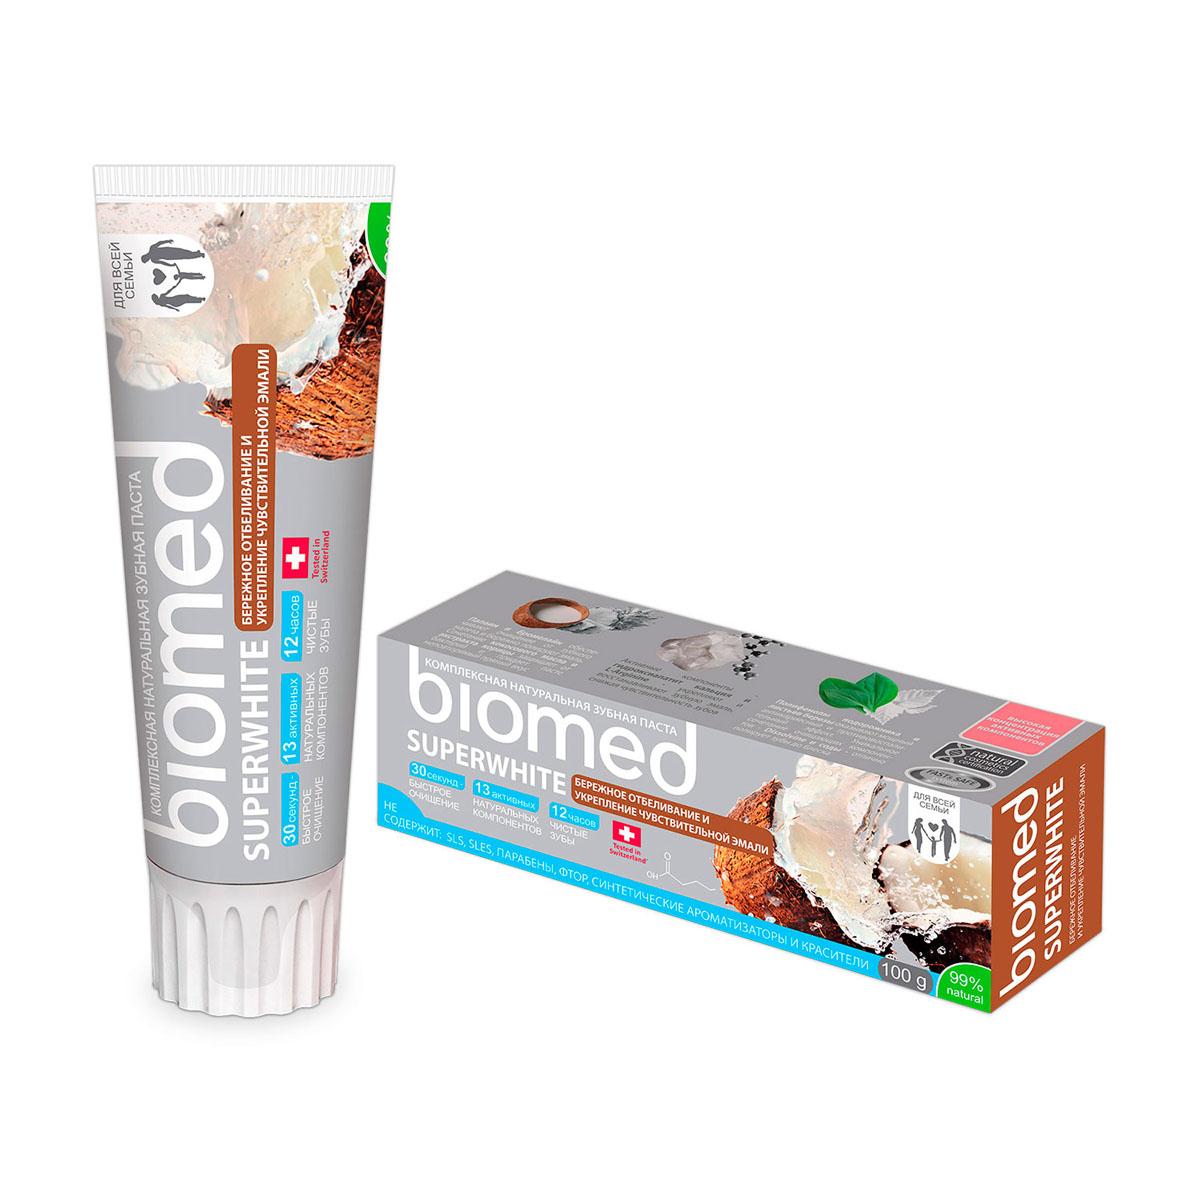 Biomed Зубная паста Superwhite / Супервайт, 100 гMP59.4DБережное отбеливание и укрепление чувствительной эмали с маслом кокоса. Особенности состава: Не содержит: SLS, фтор, хим. отбеливающие компоненты, синтетические ароматизаторы, красители и продукты животного происхождения..